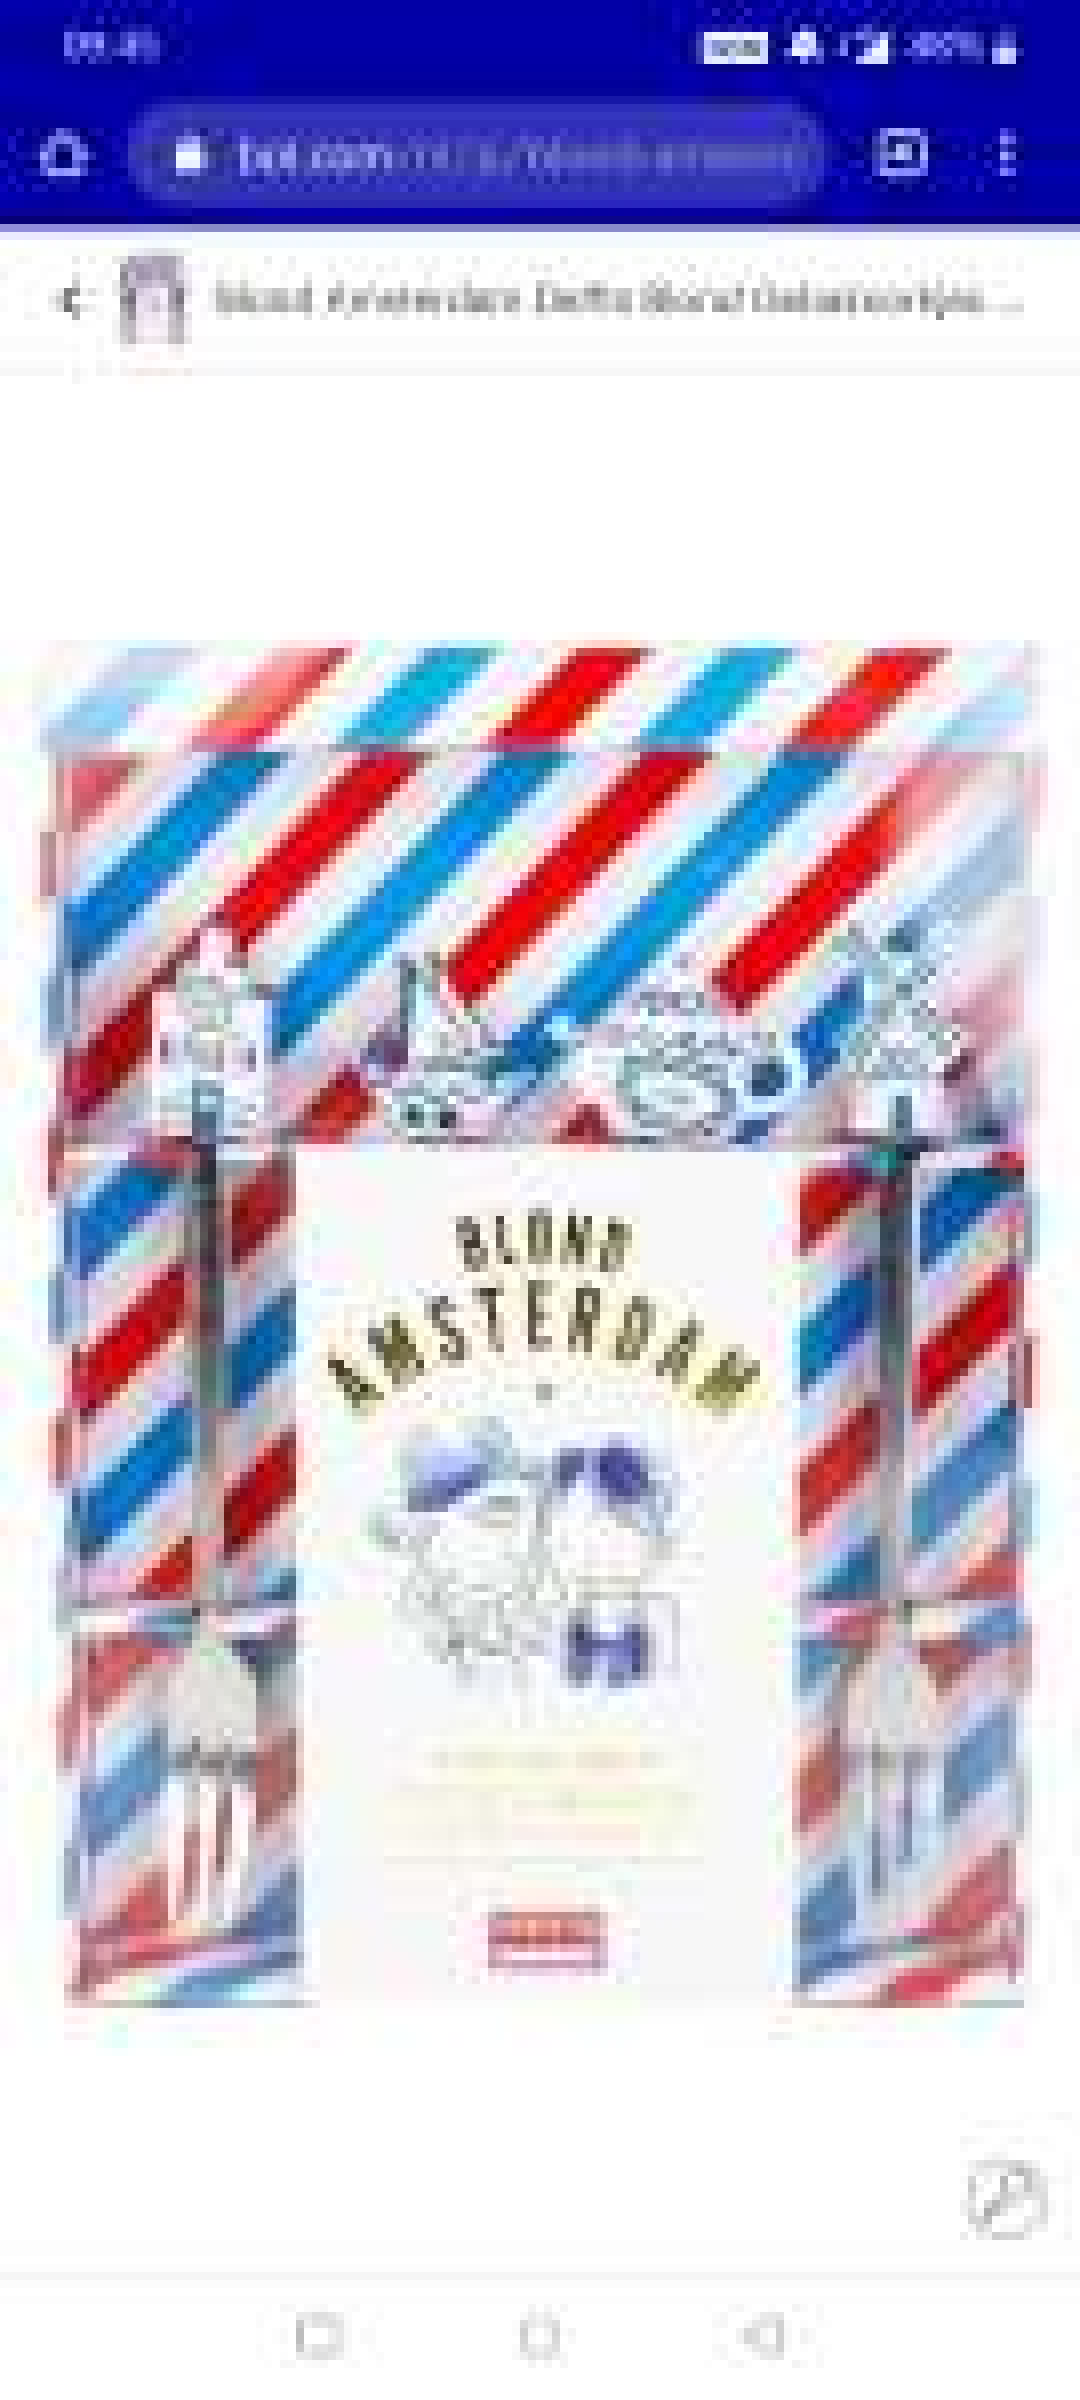 Blond amsterdam vorkjes delfts blauw